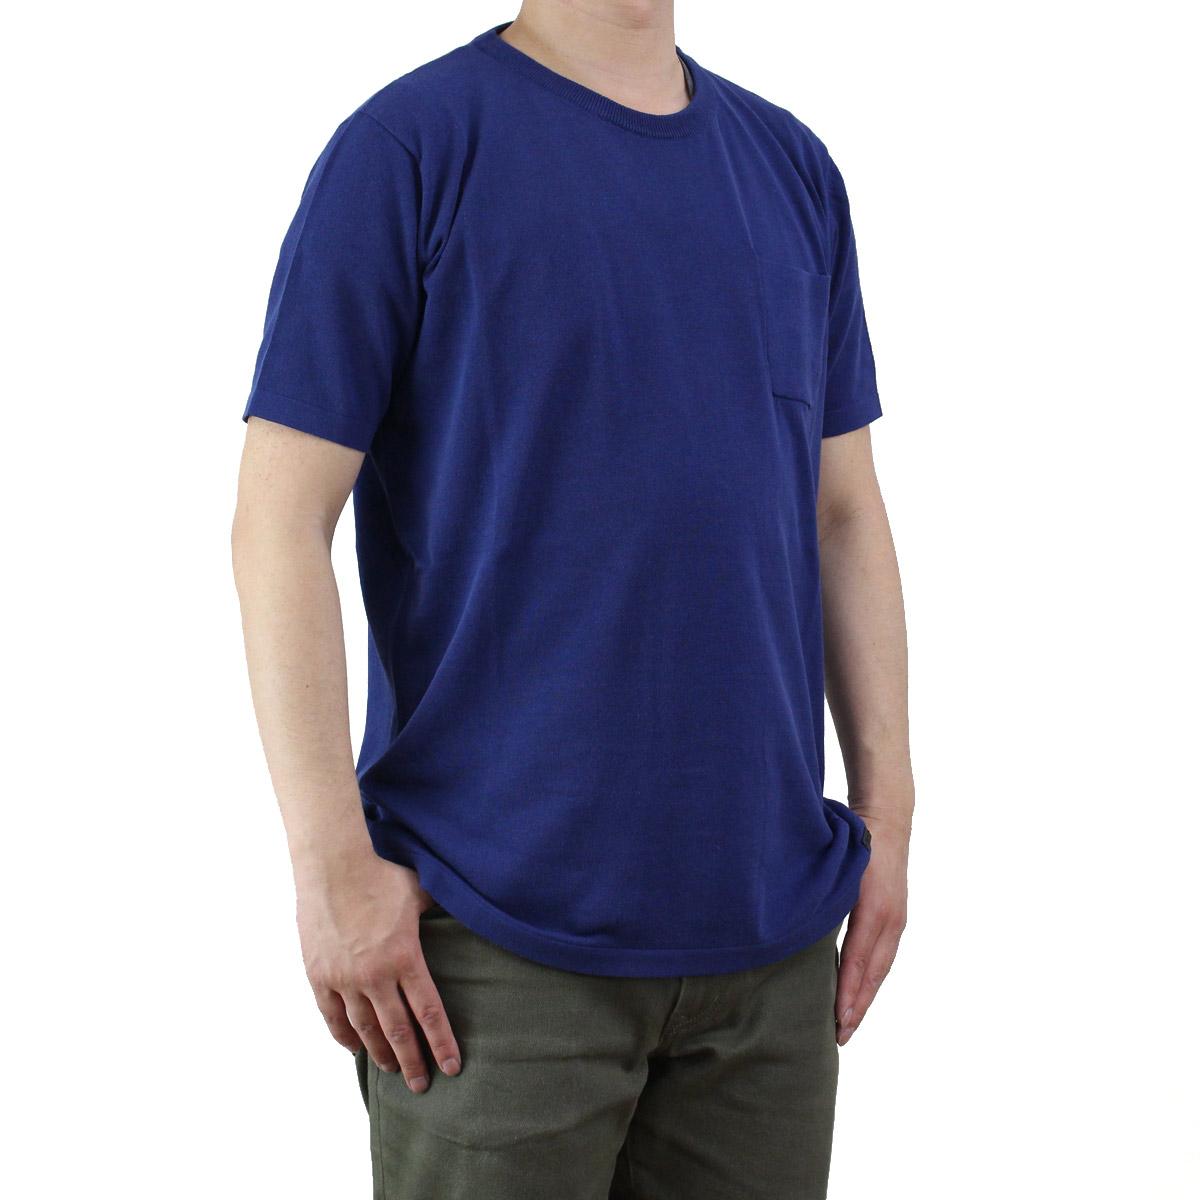 バーク Bark  メンズ 半袖 サマー セーター 71B6006 253 BLUE ブルー系  メンズ OLS-4